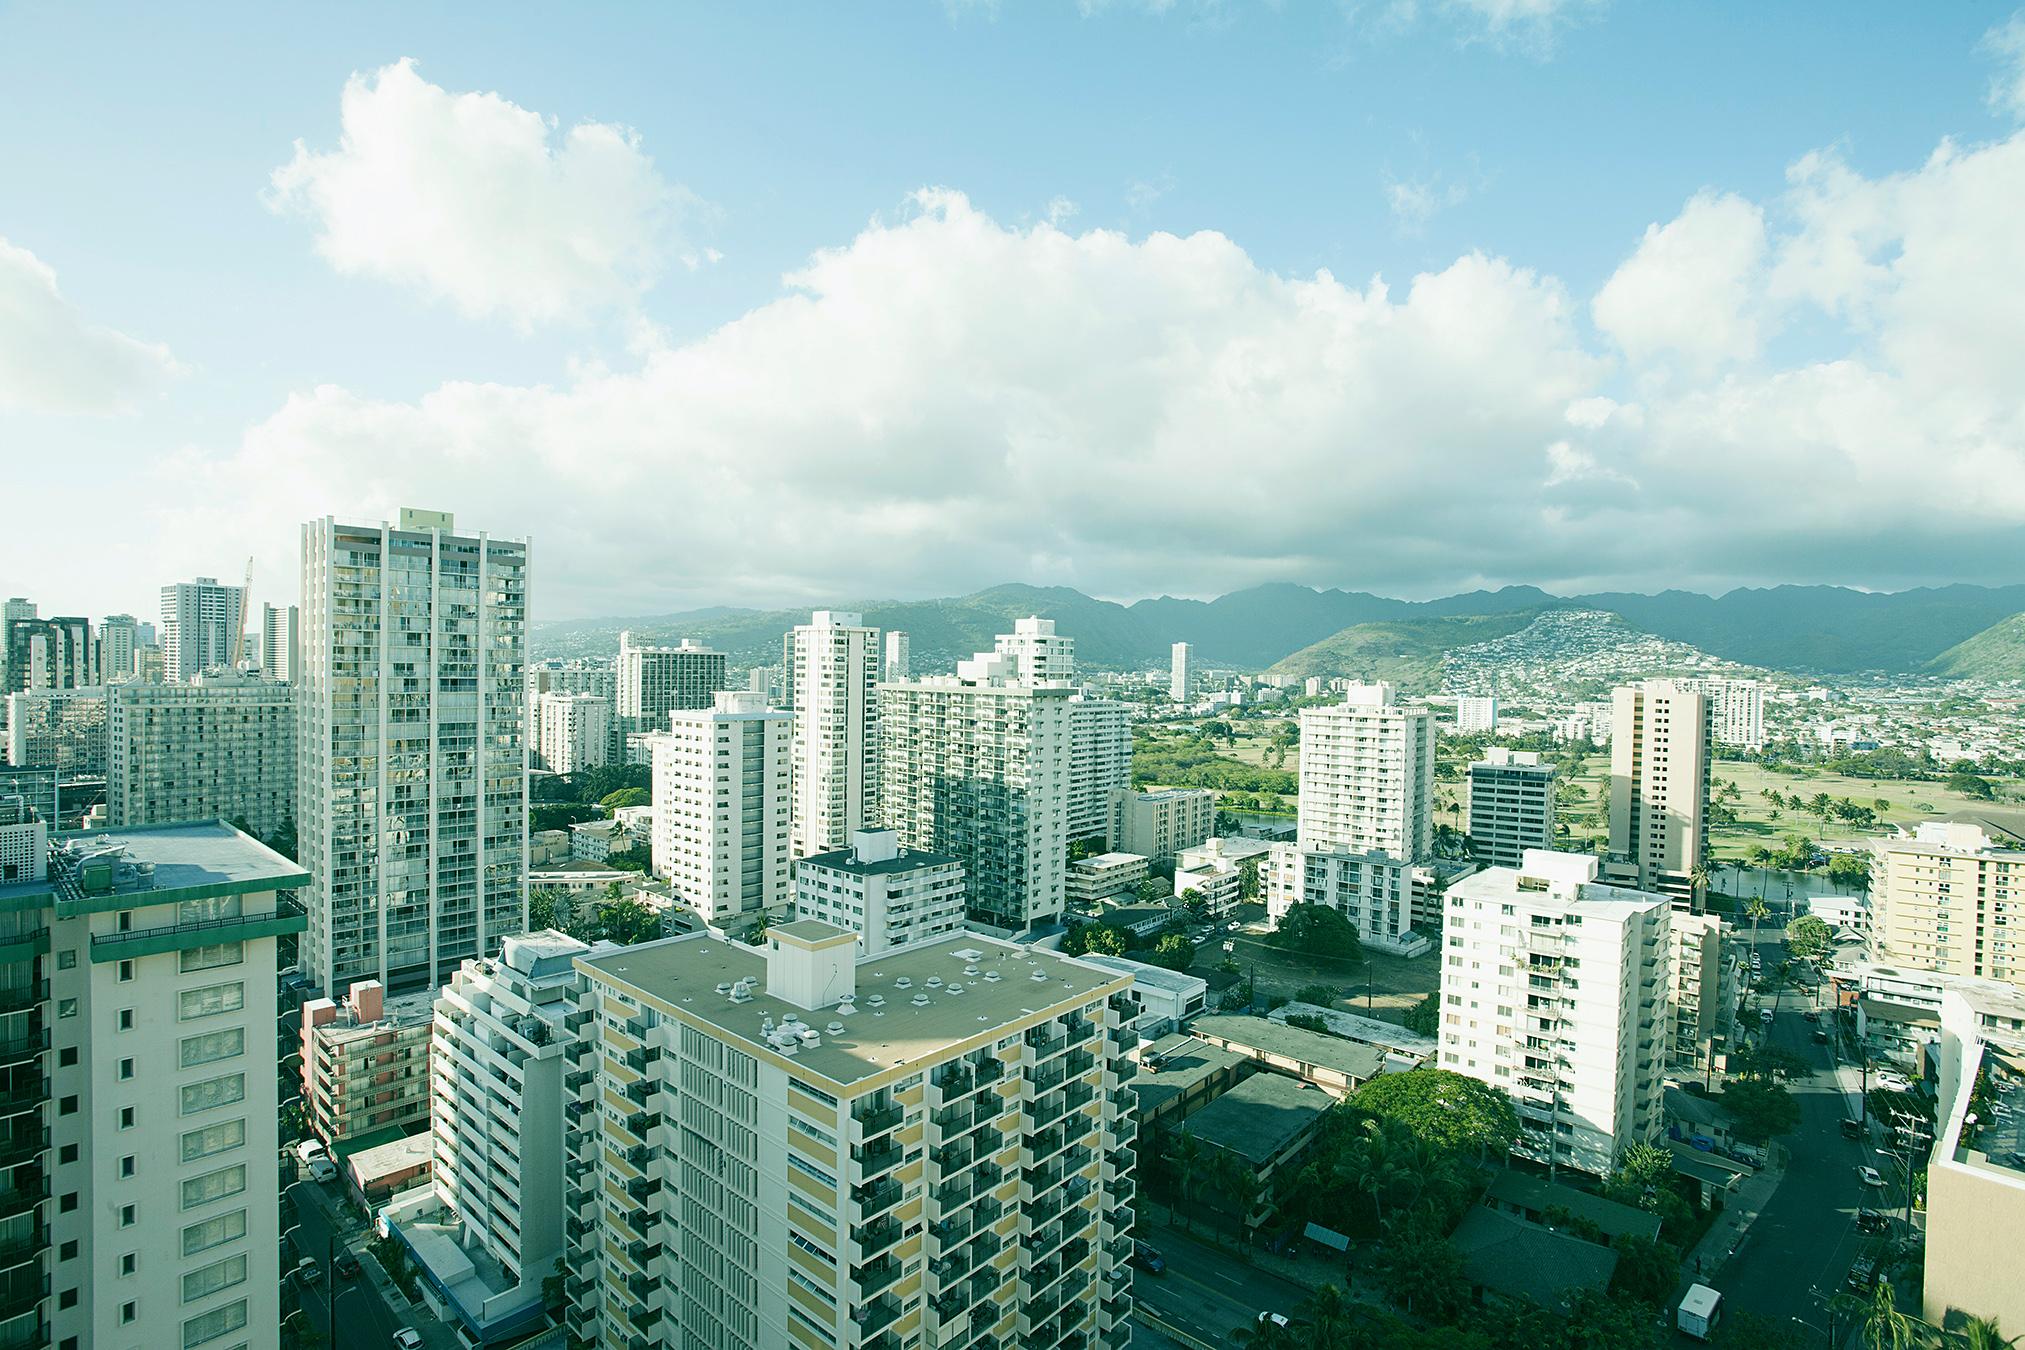 Hawaii LR_MG_1038.jpg